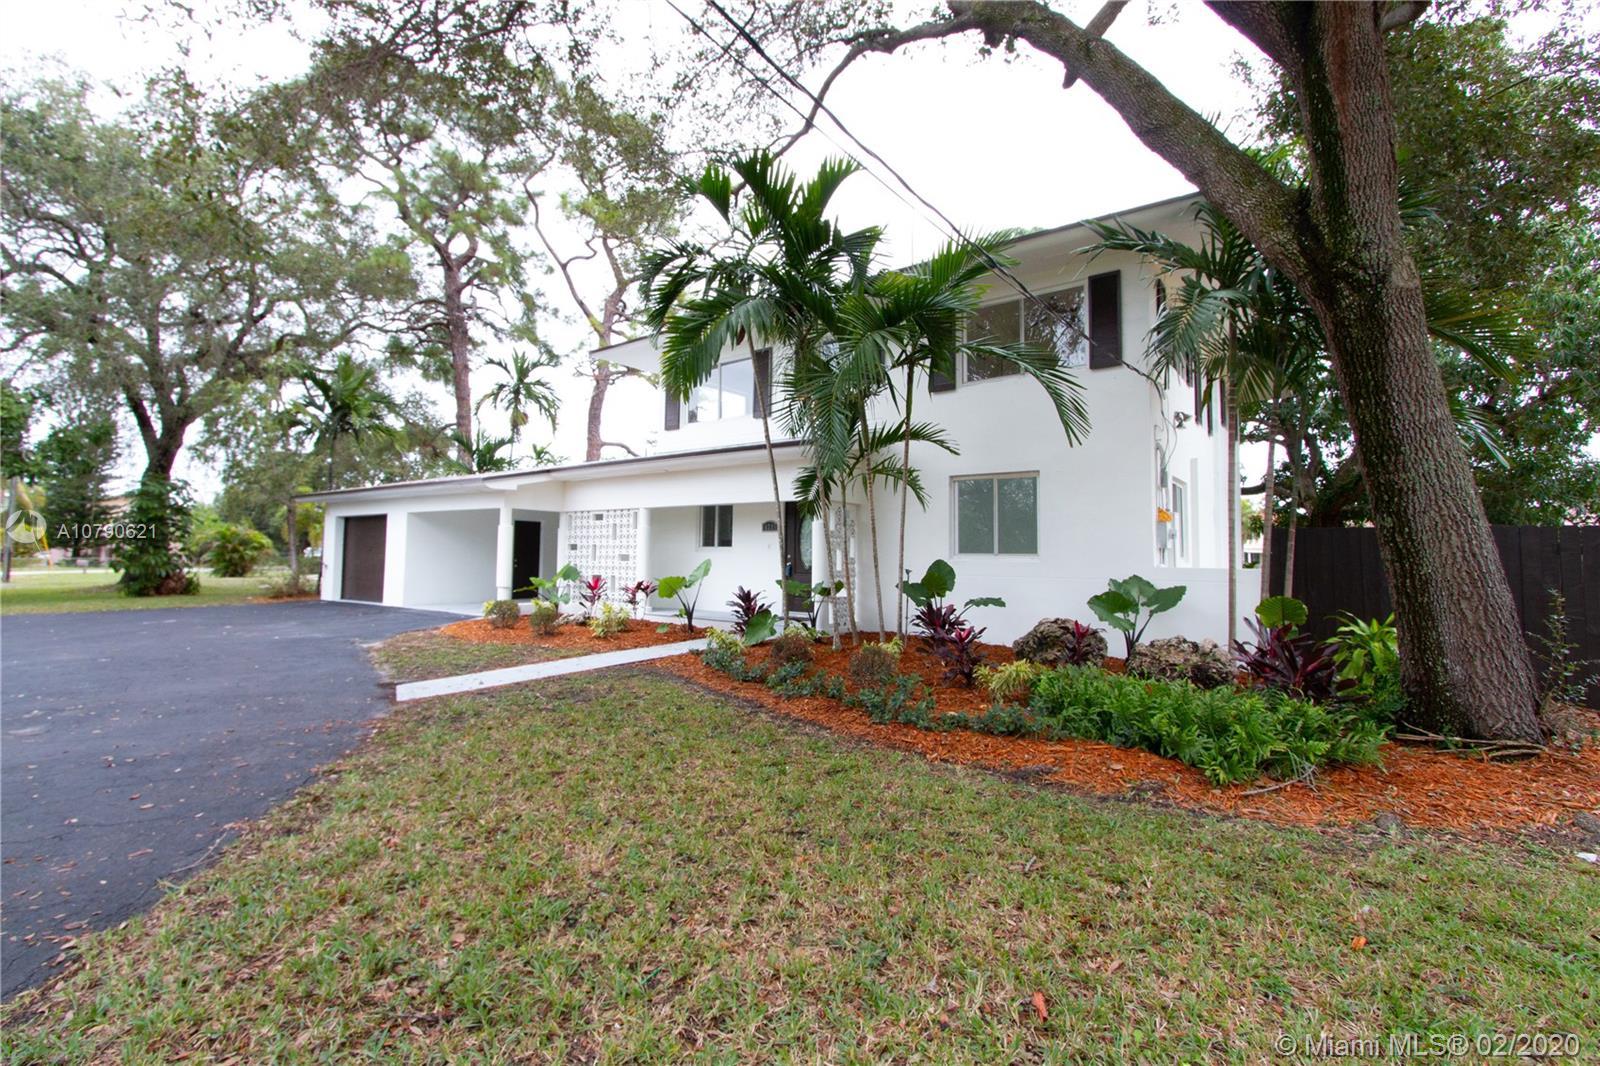 14295 NW 14th Dr, Miami FL 33167